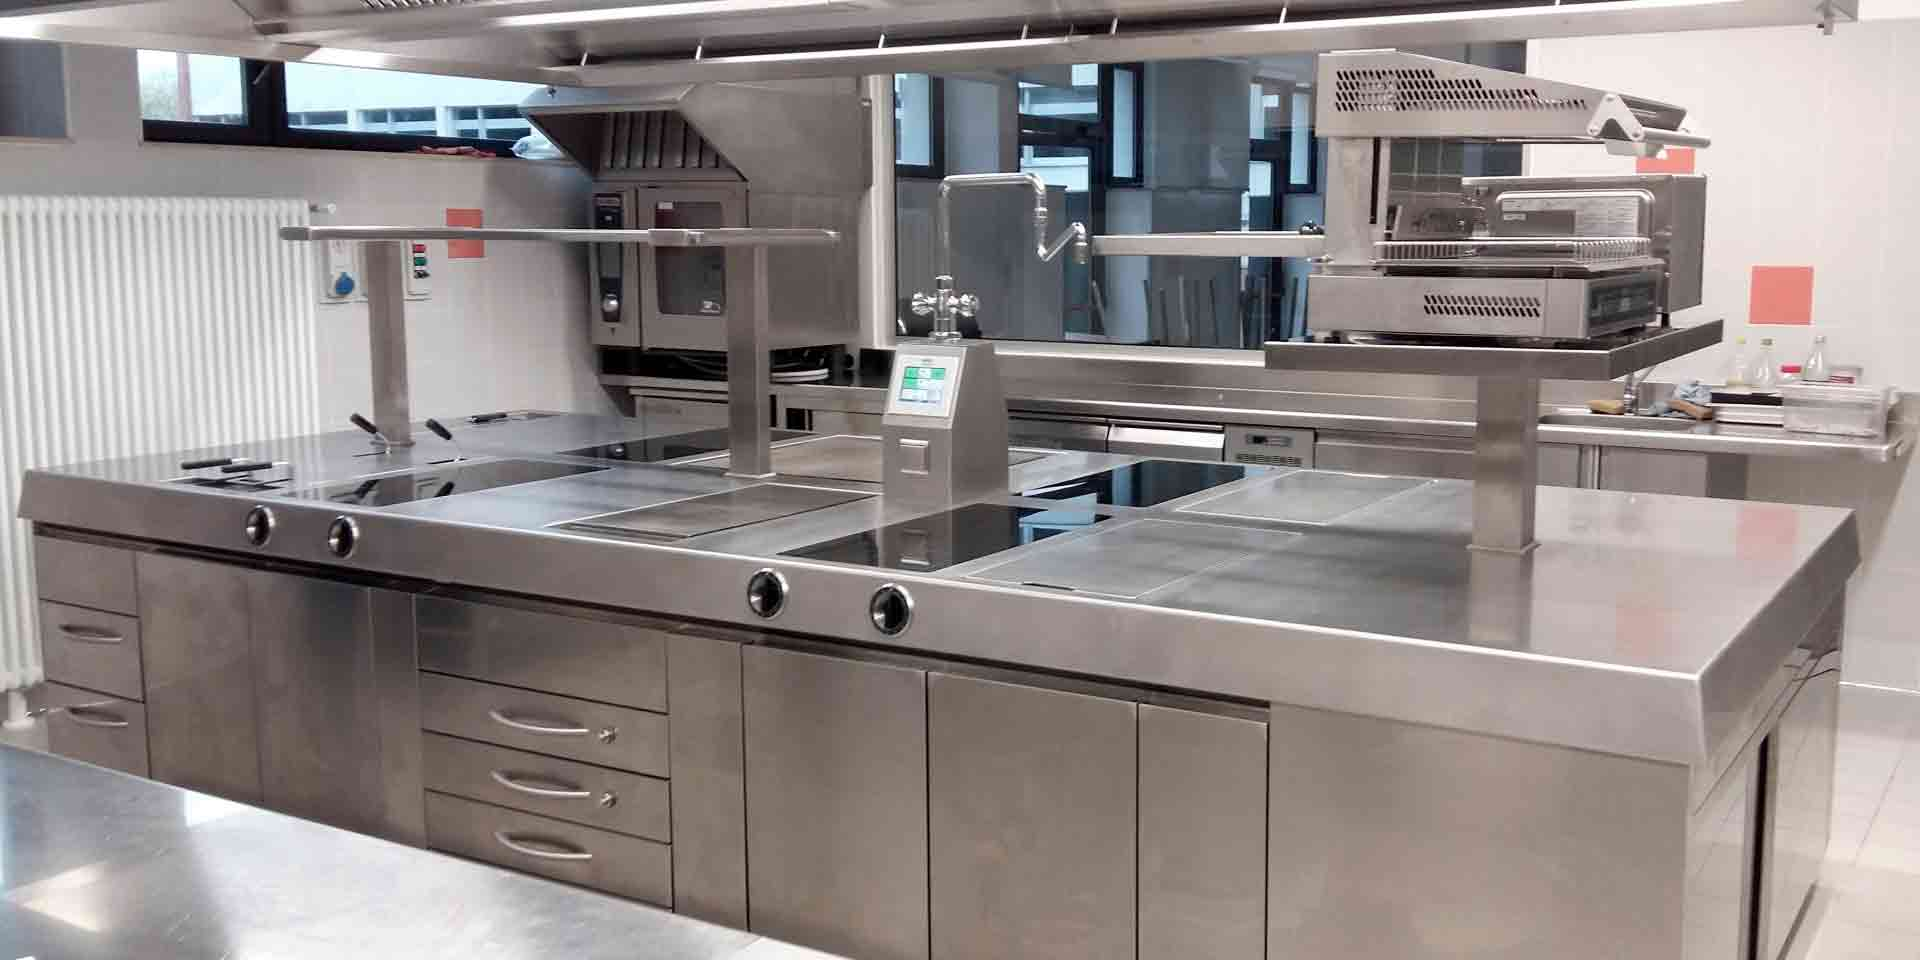 Cucina monoblocco elettrica professionale